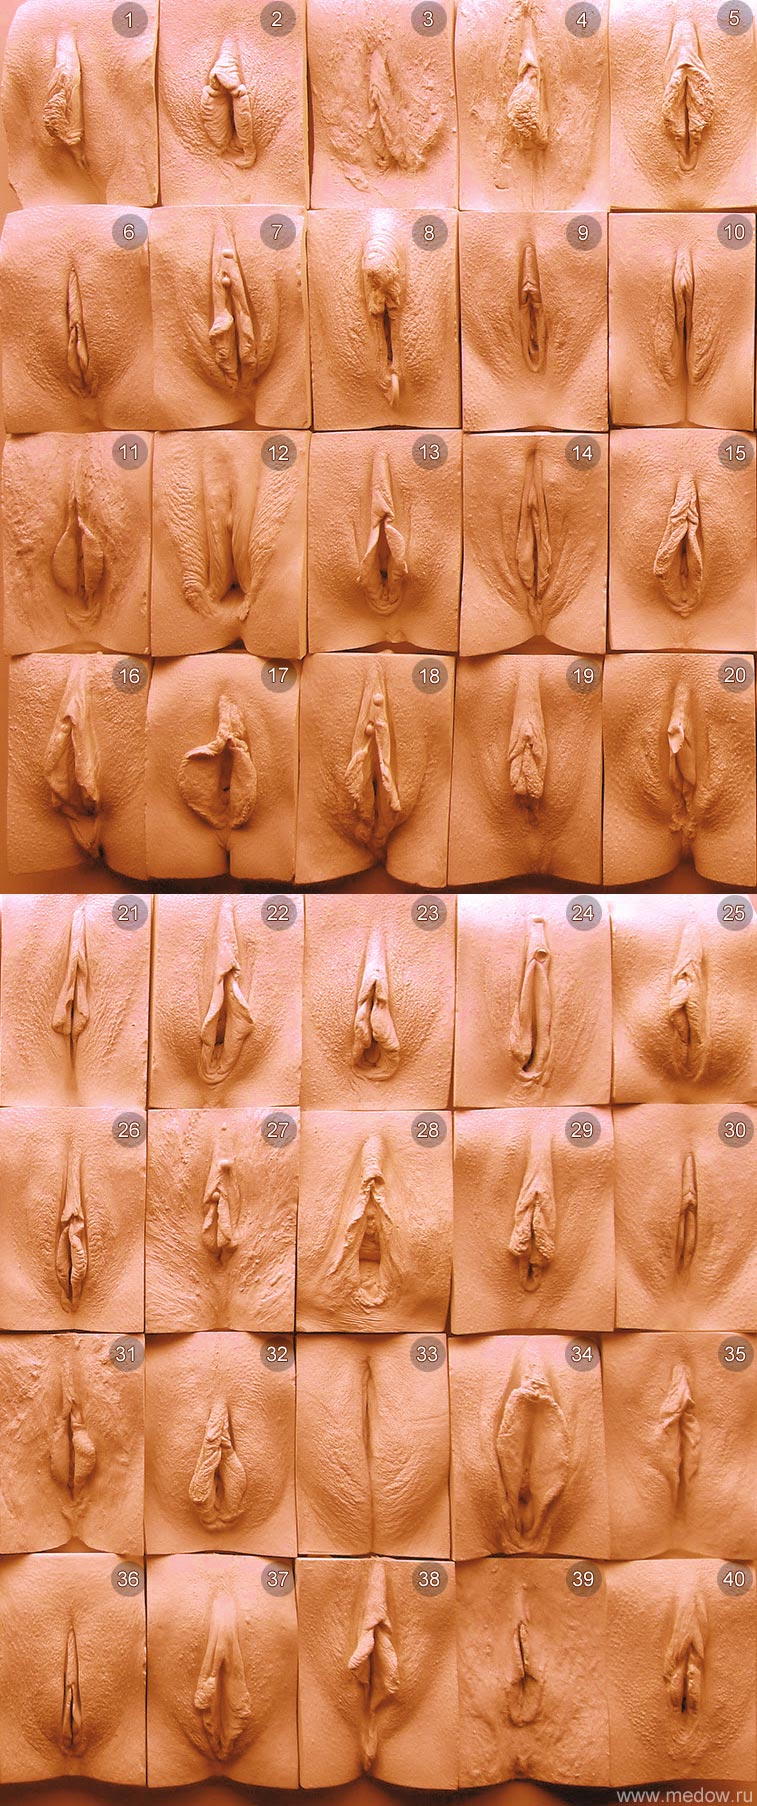 Типы вагин на фото 3 фотография